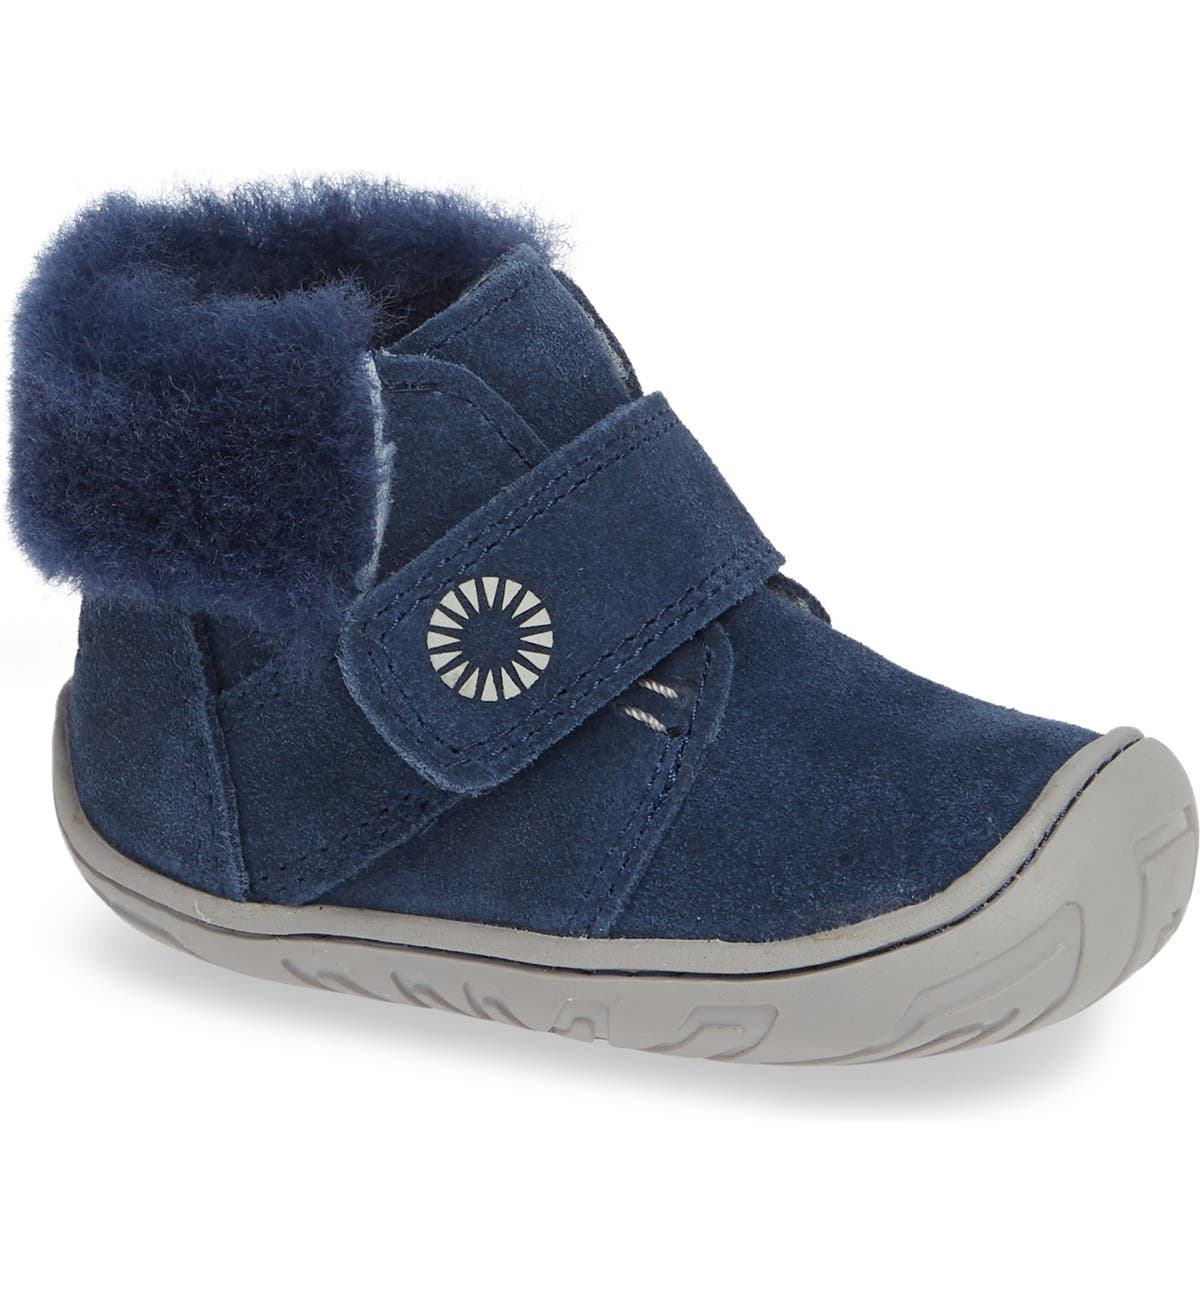 guide la de l acheteur à la meilleure de la guide zumba chaussures avec les  examens haut mesdames e6ce02 24fb50b33f56